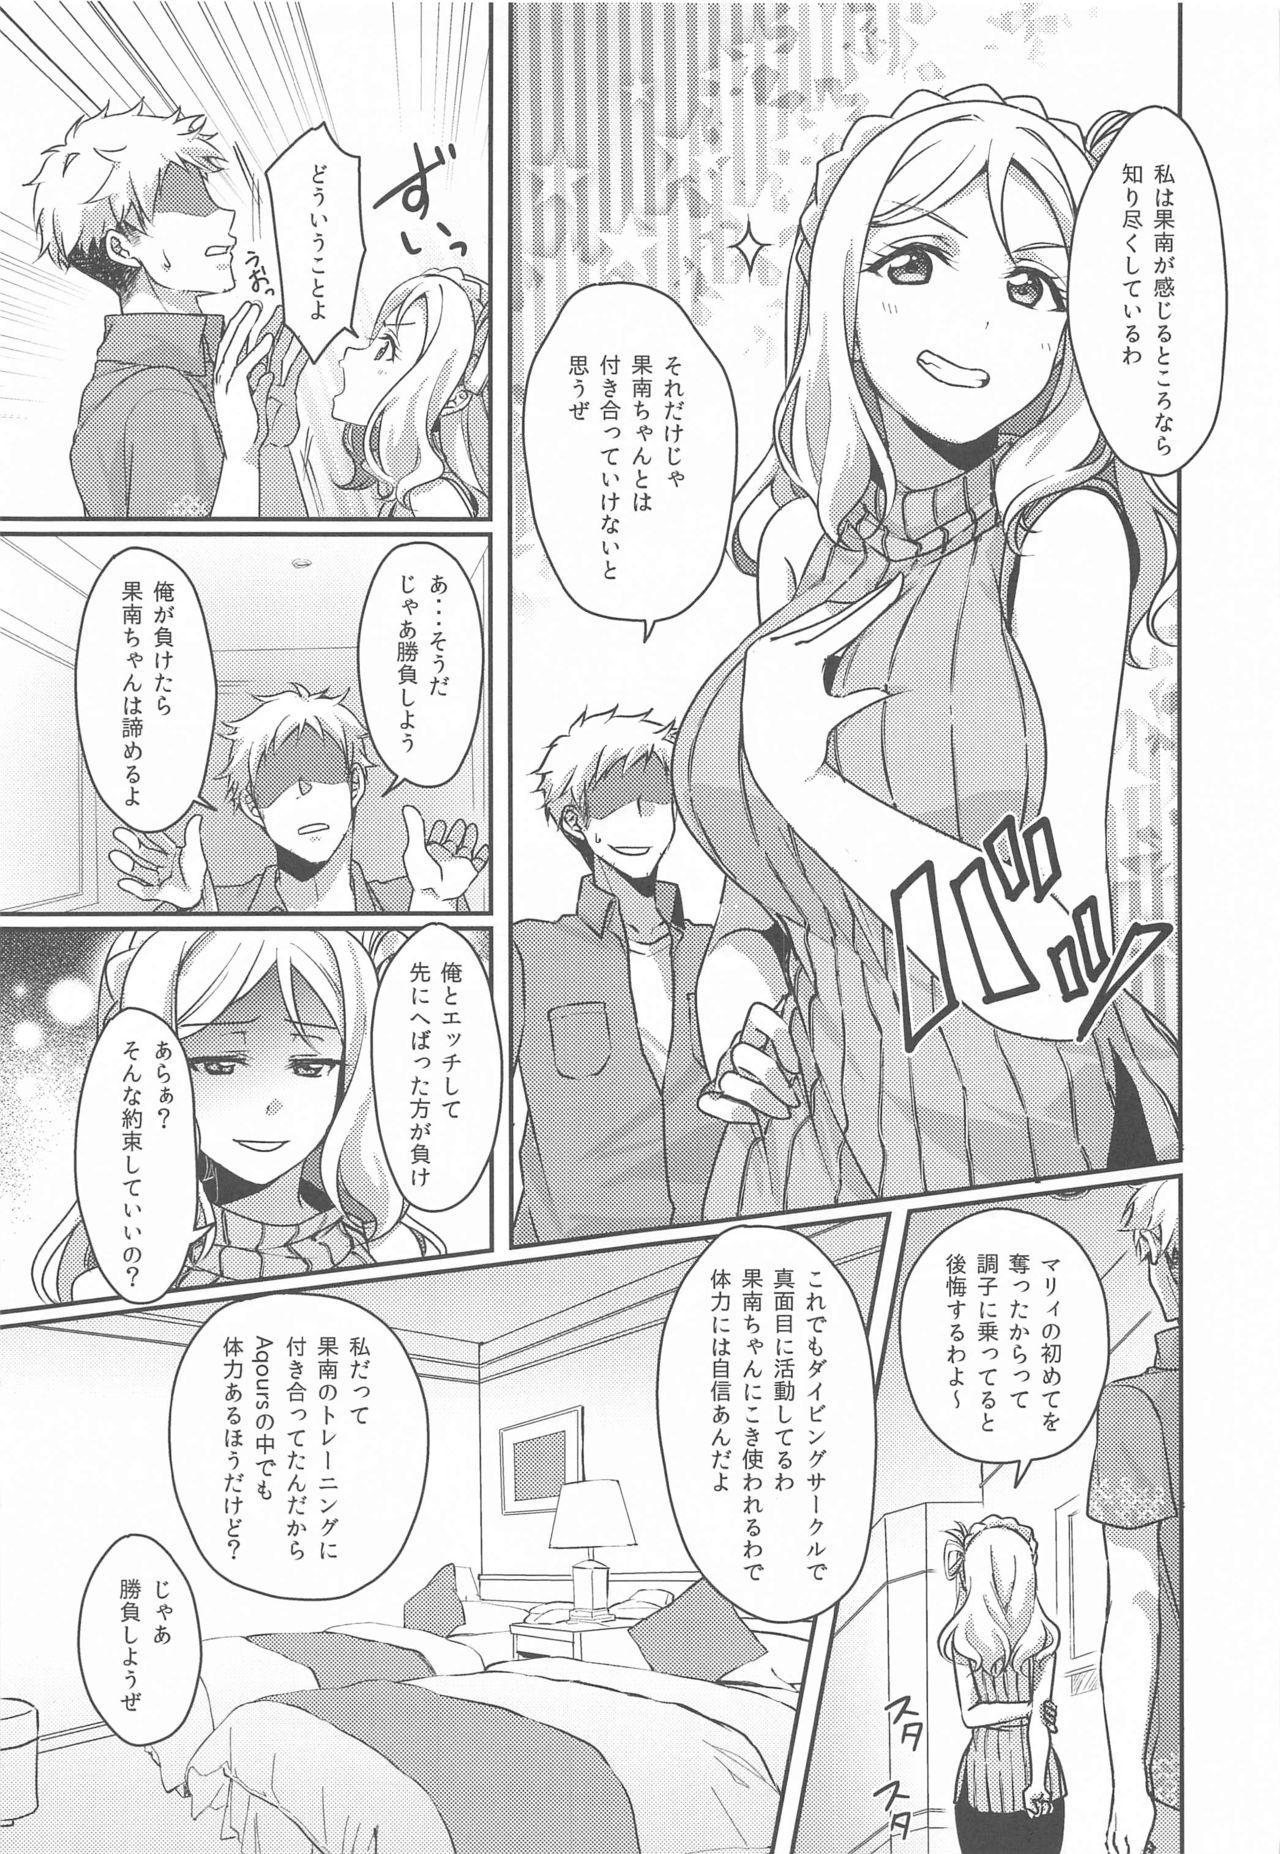 Senjou no Cinderella 3 5